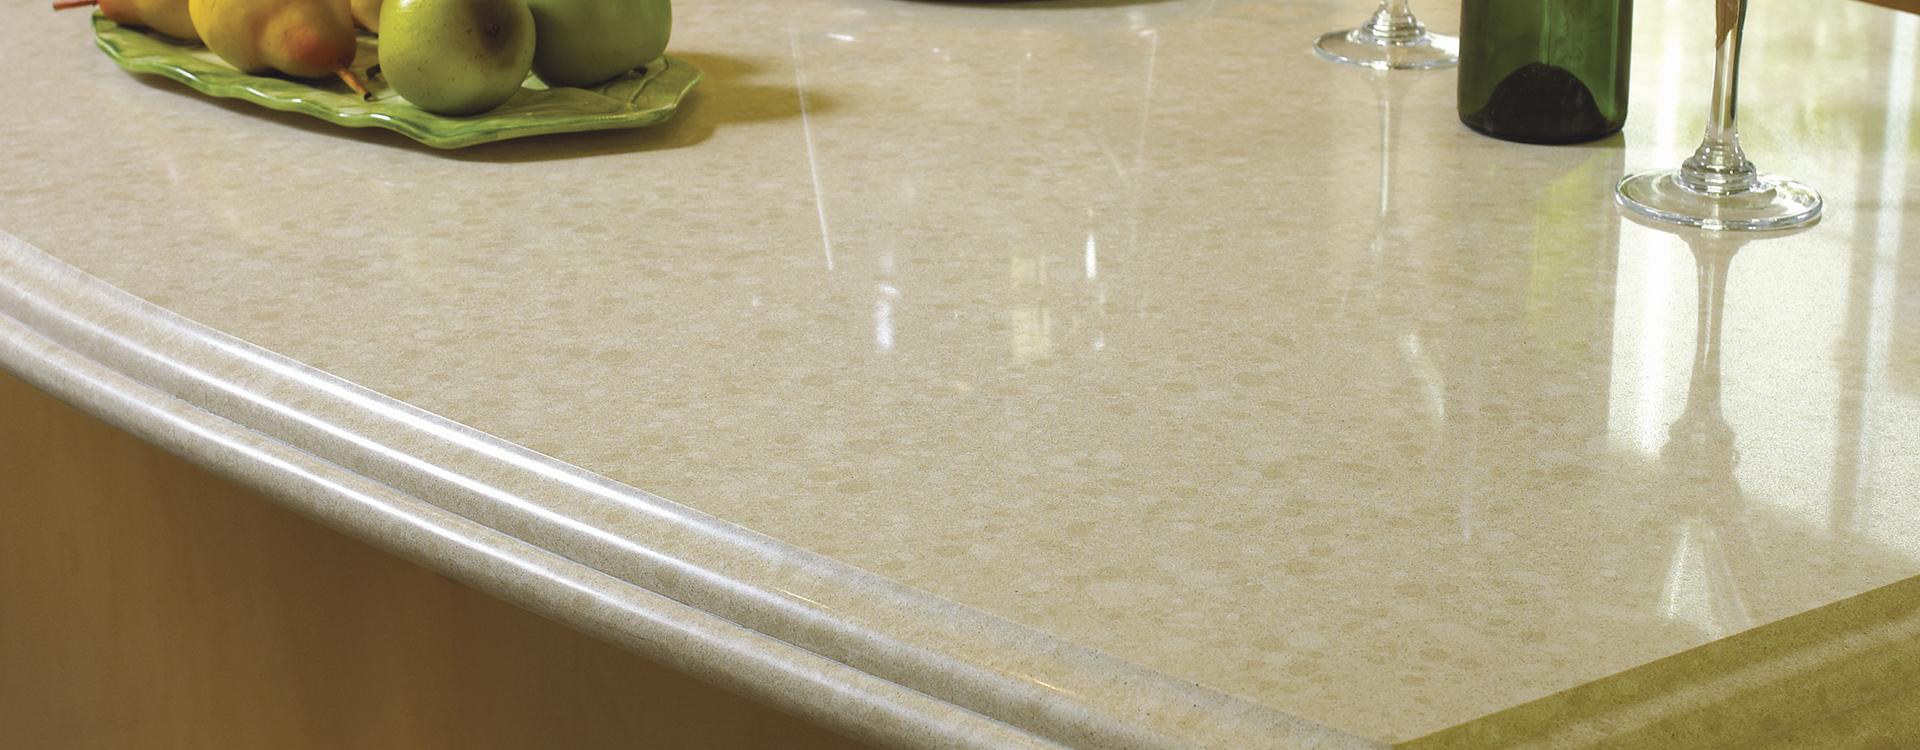 For å unngå at vann trekker inn i steinen bør benkeplater i kalkstein impregneres med STEINFIX 100+